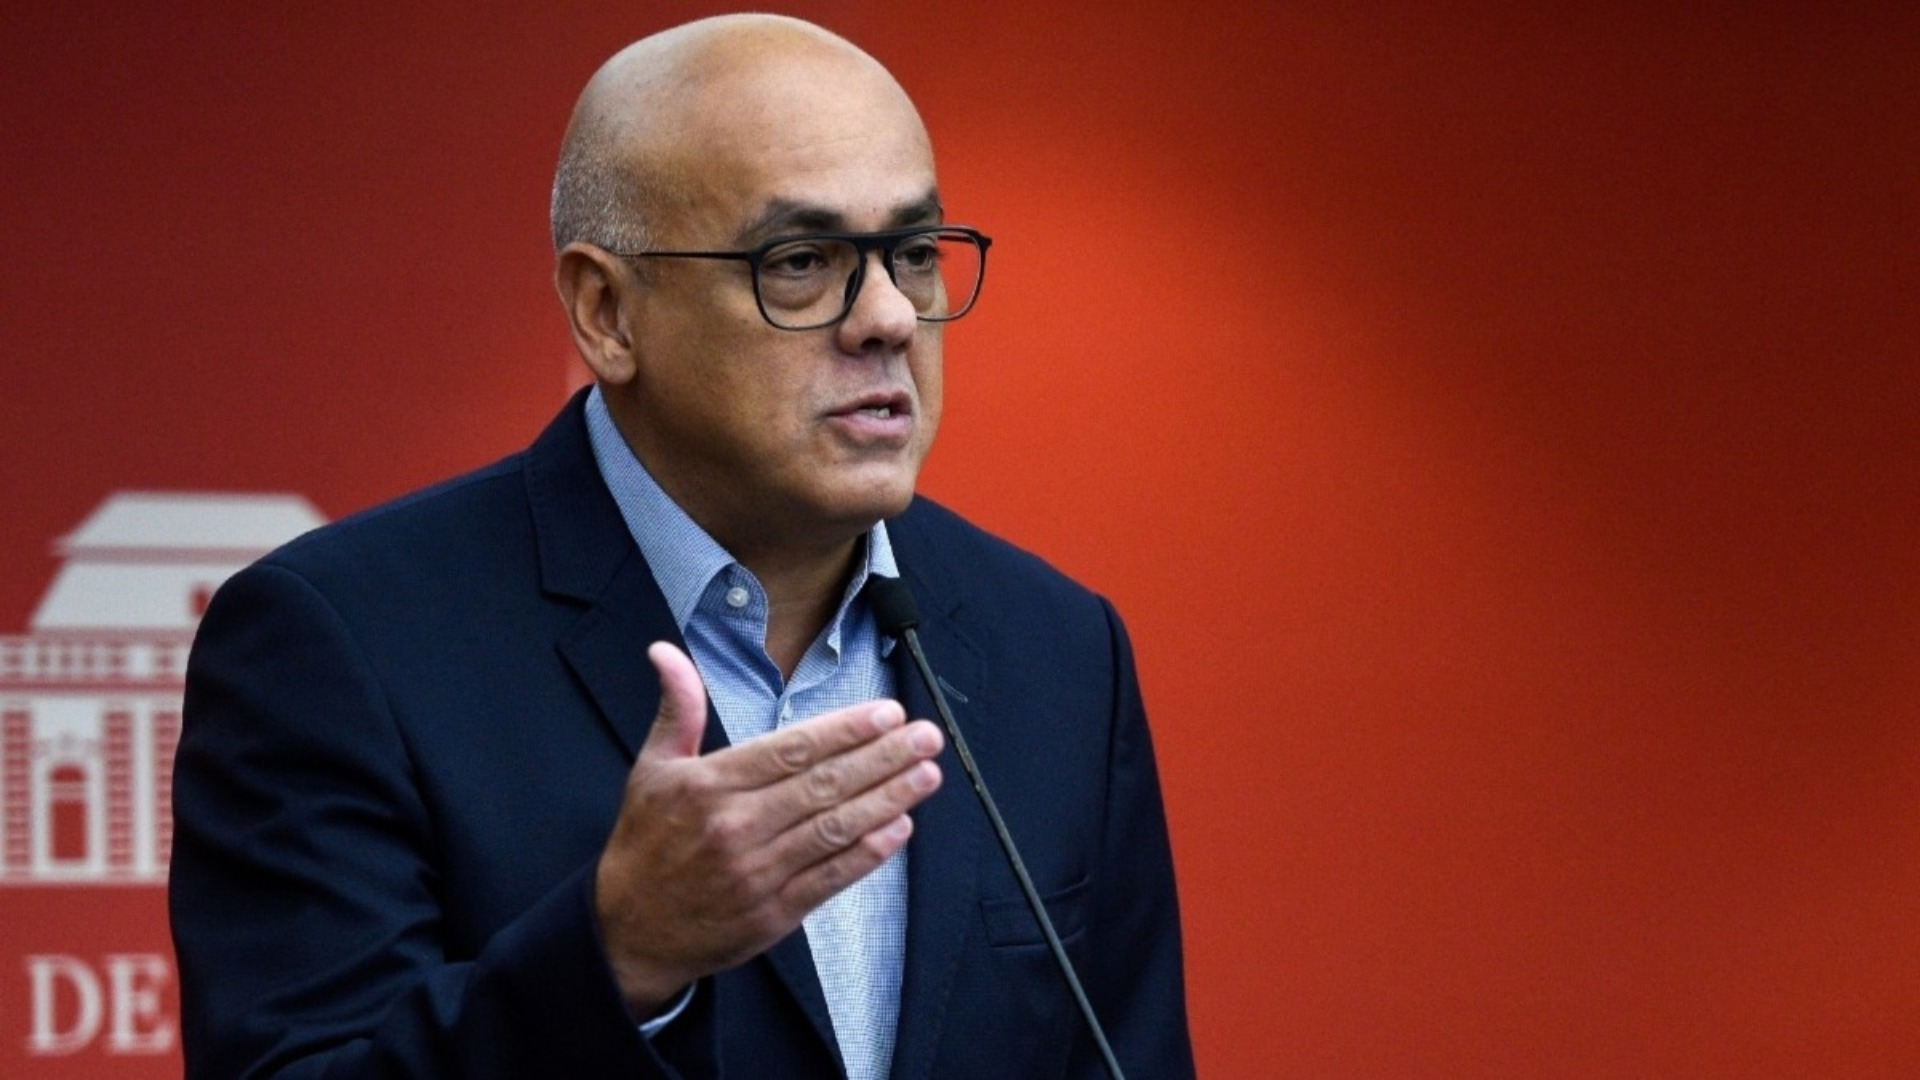 Jorge Rodríguez anuncia que tiene COVID-19